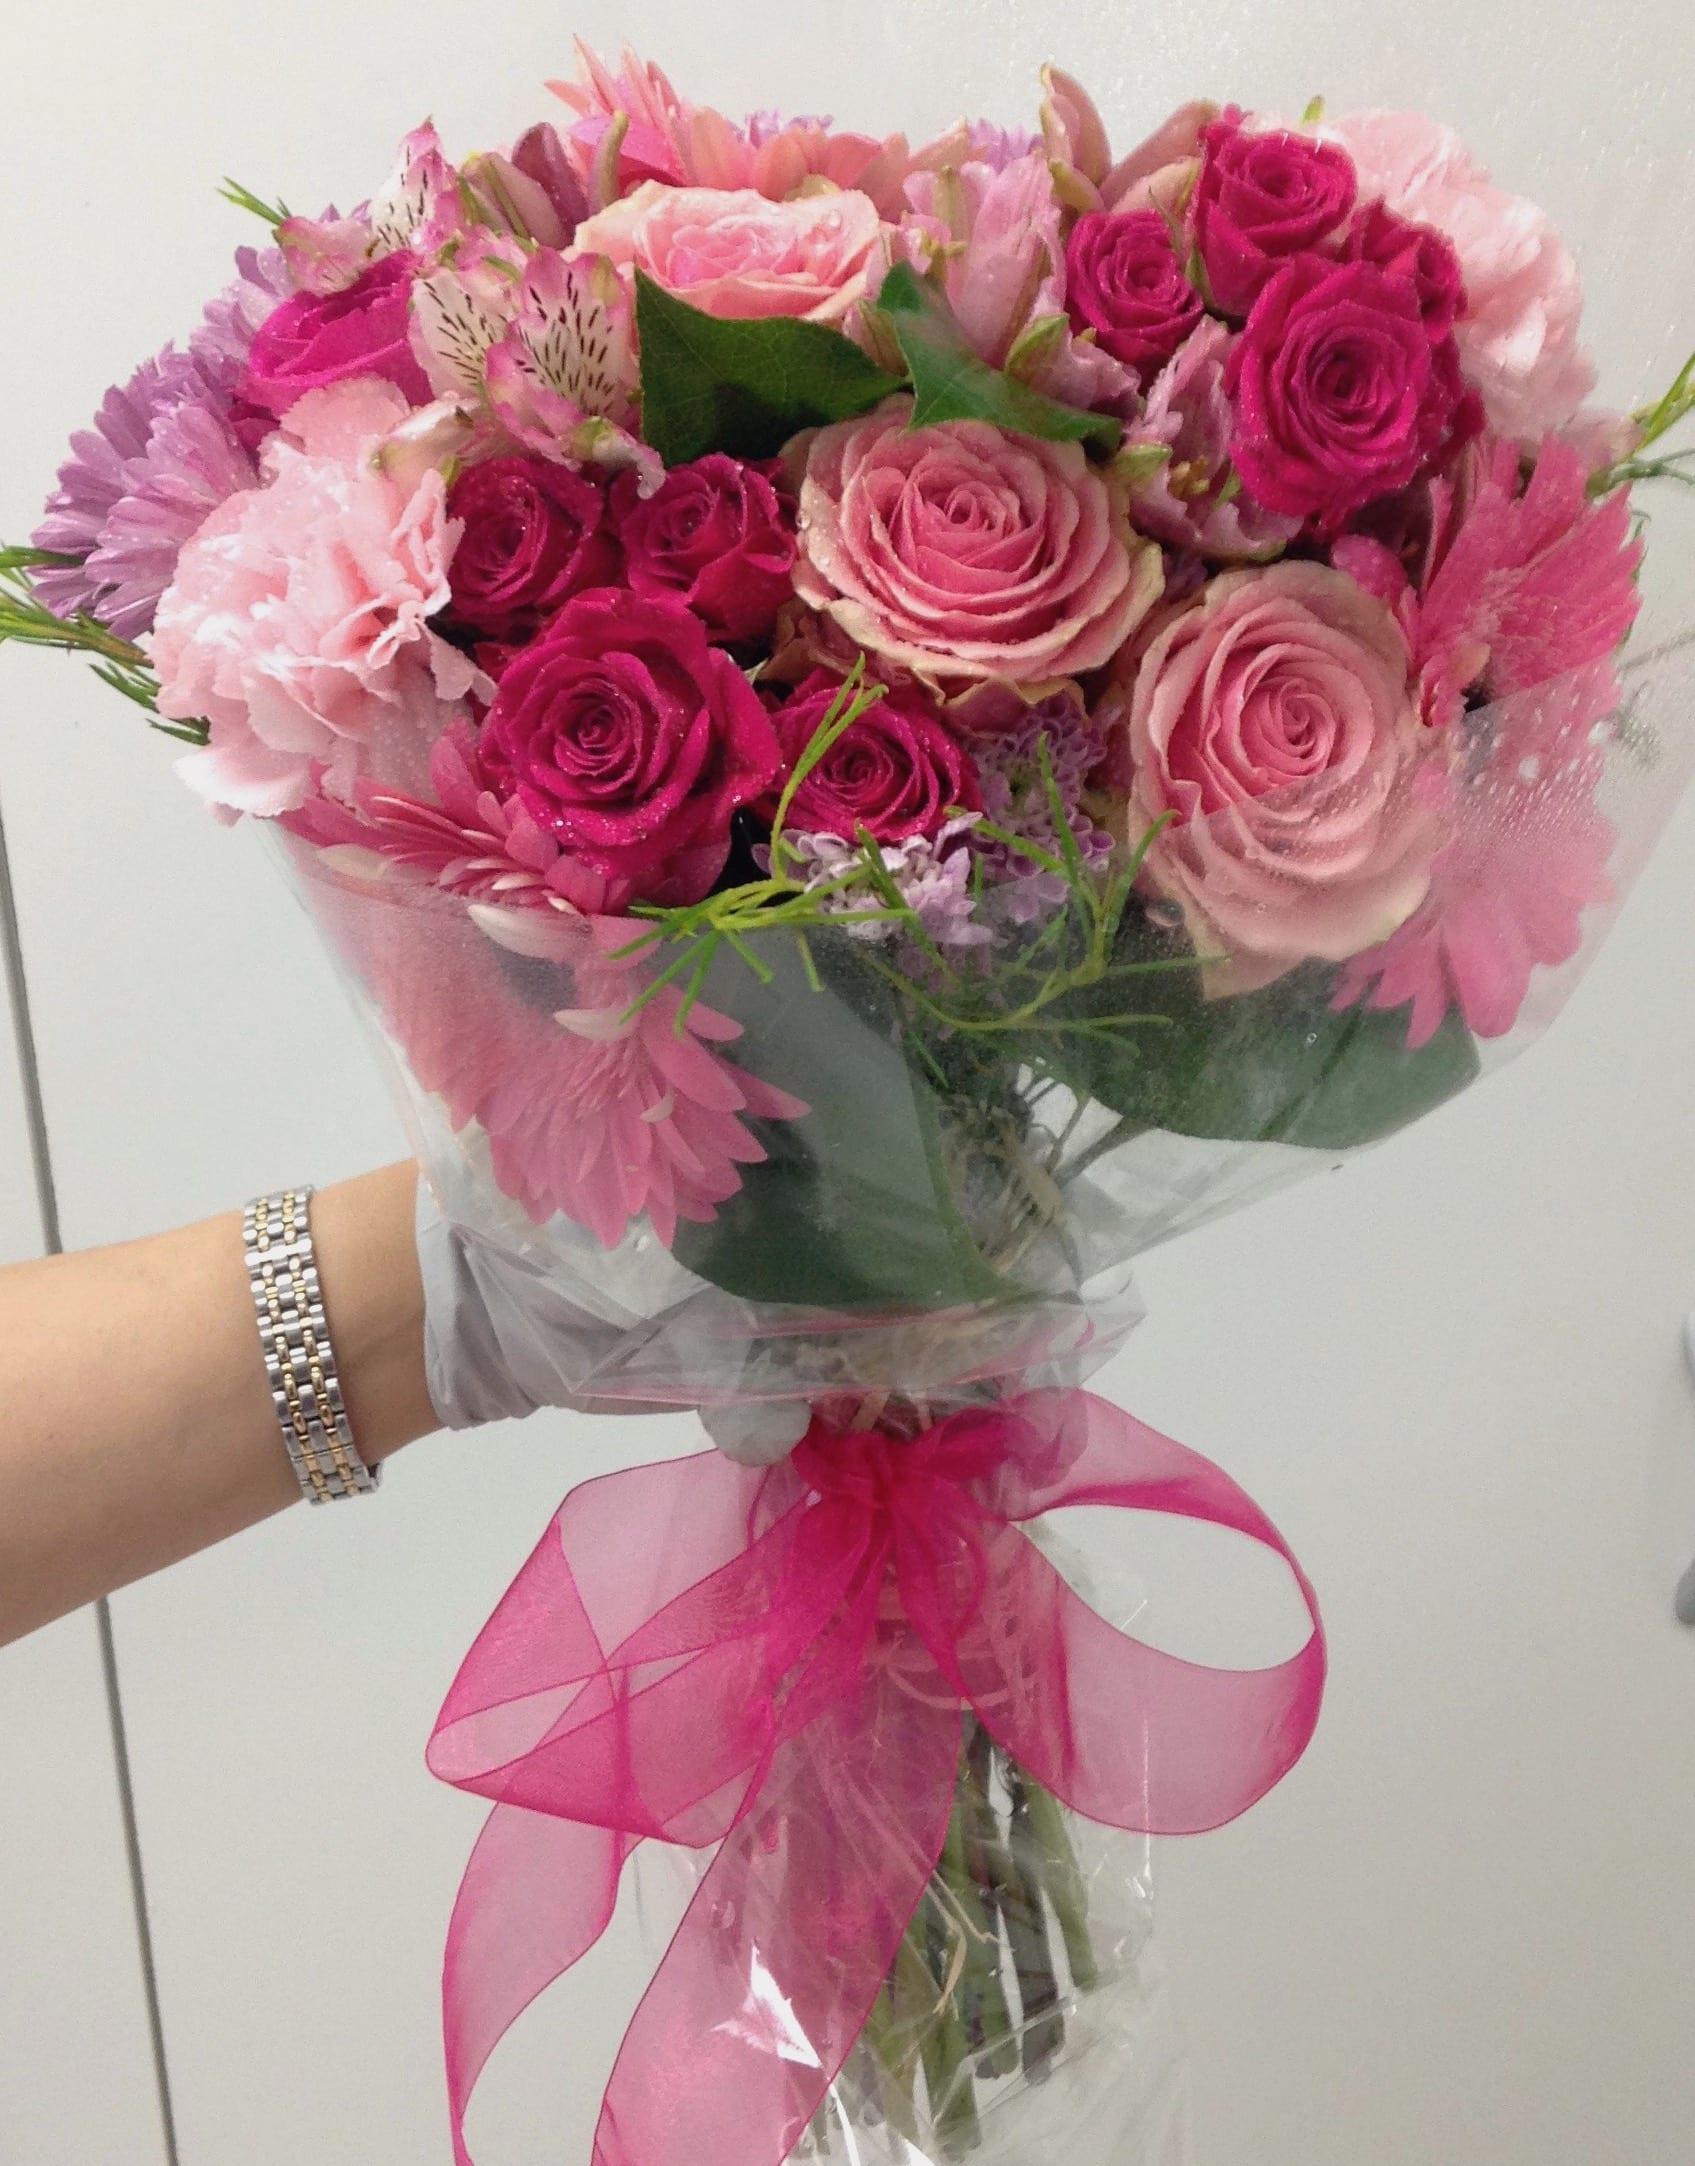 unique bouquet of flowers, OFF 79%,Buy!